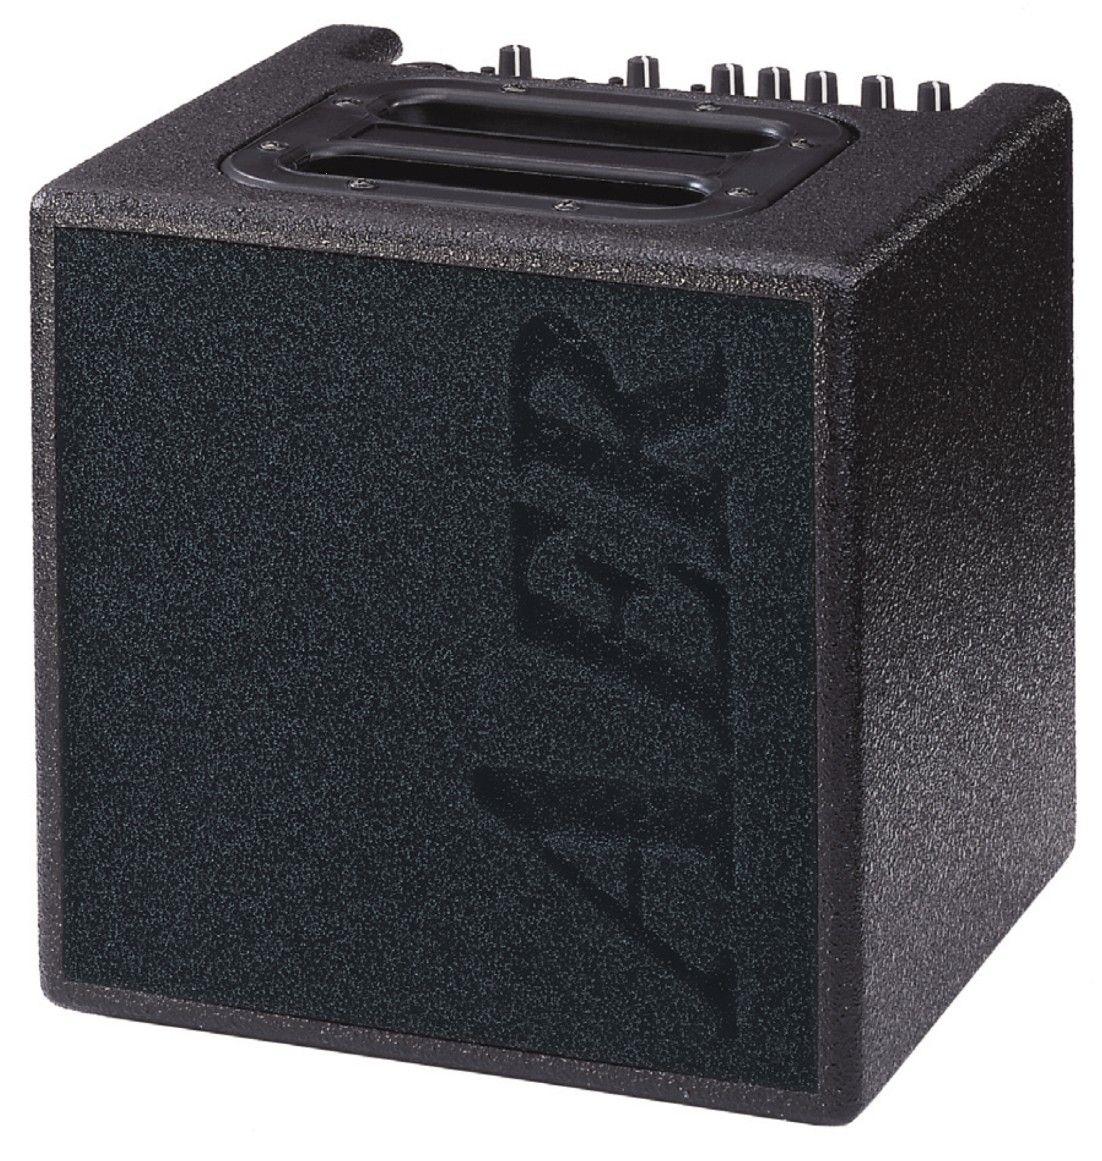 AER Alpha Akustikverstärker 2 Eingänge - 40 Watt